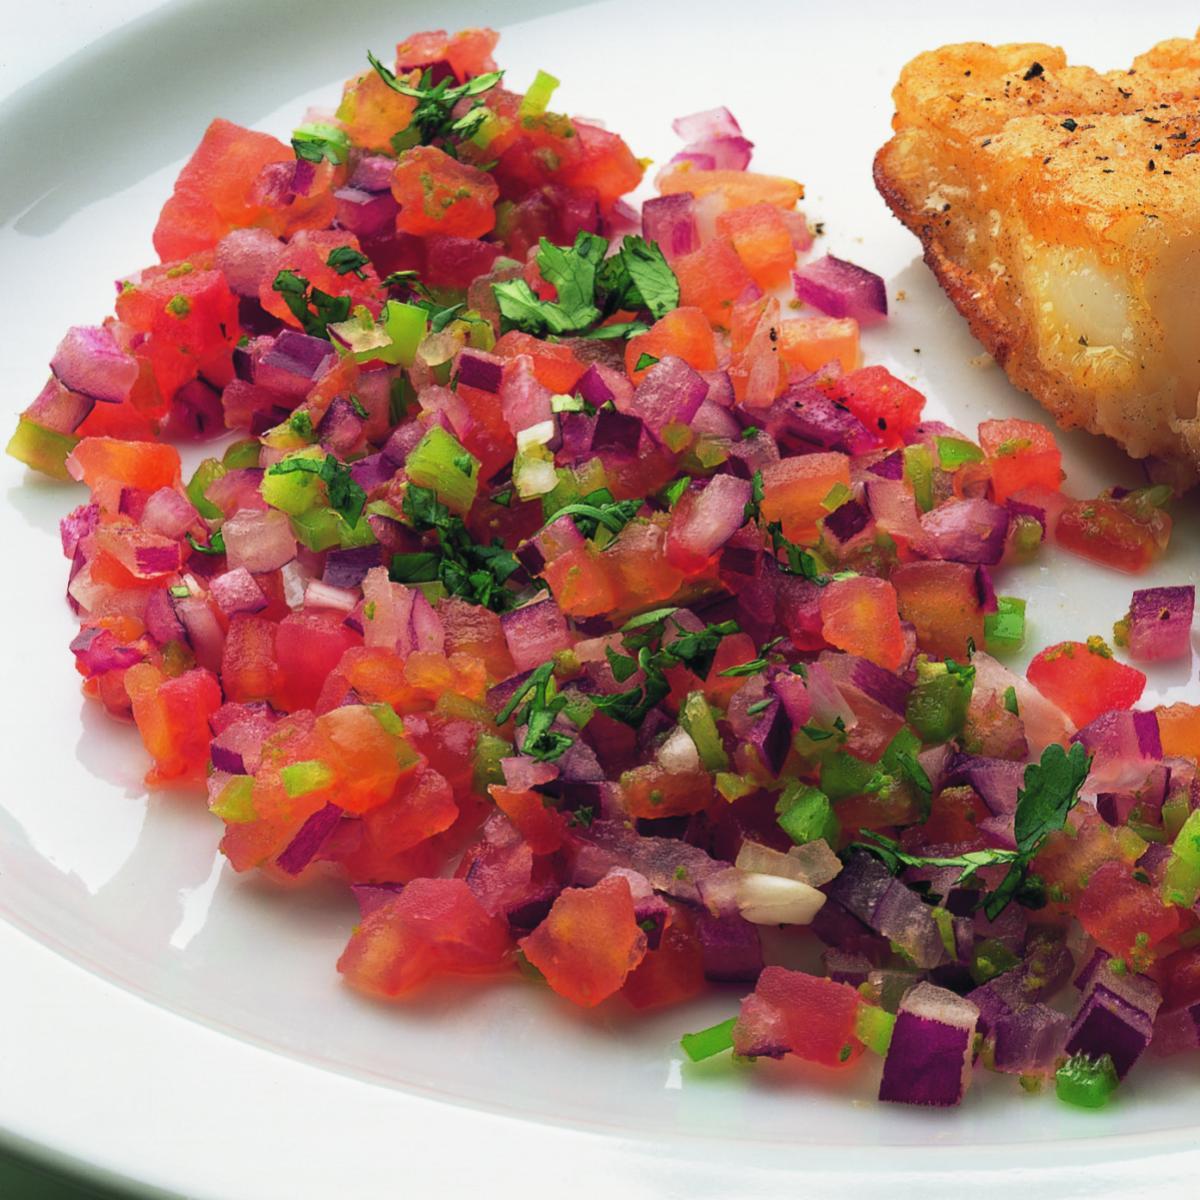 A picture of Delia's Mexican Tomato Salsa recipe